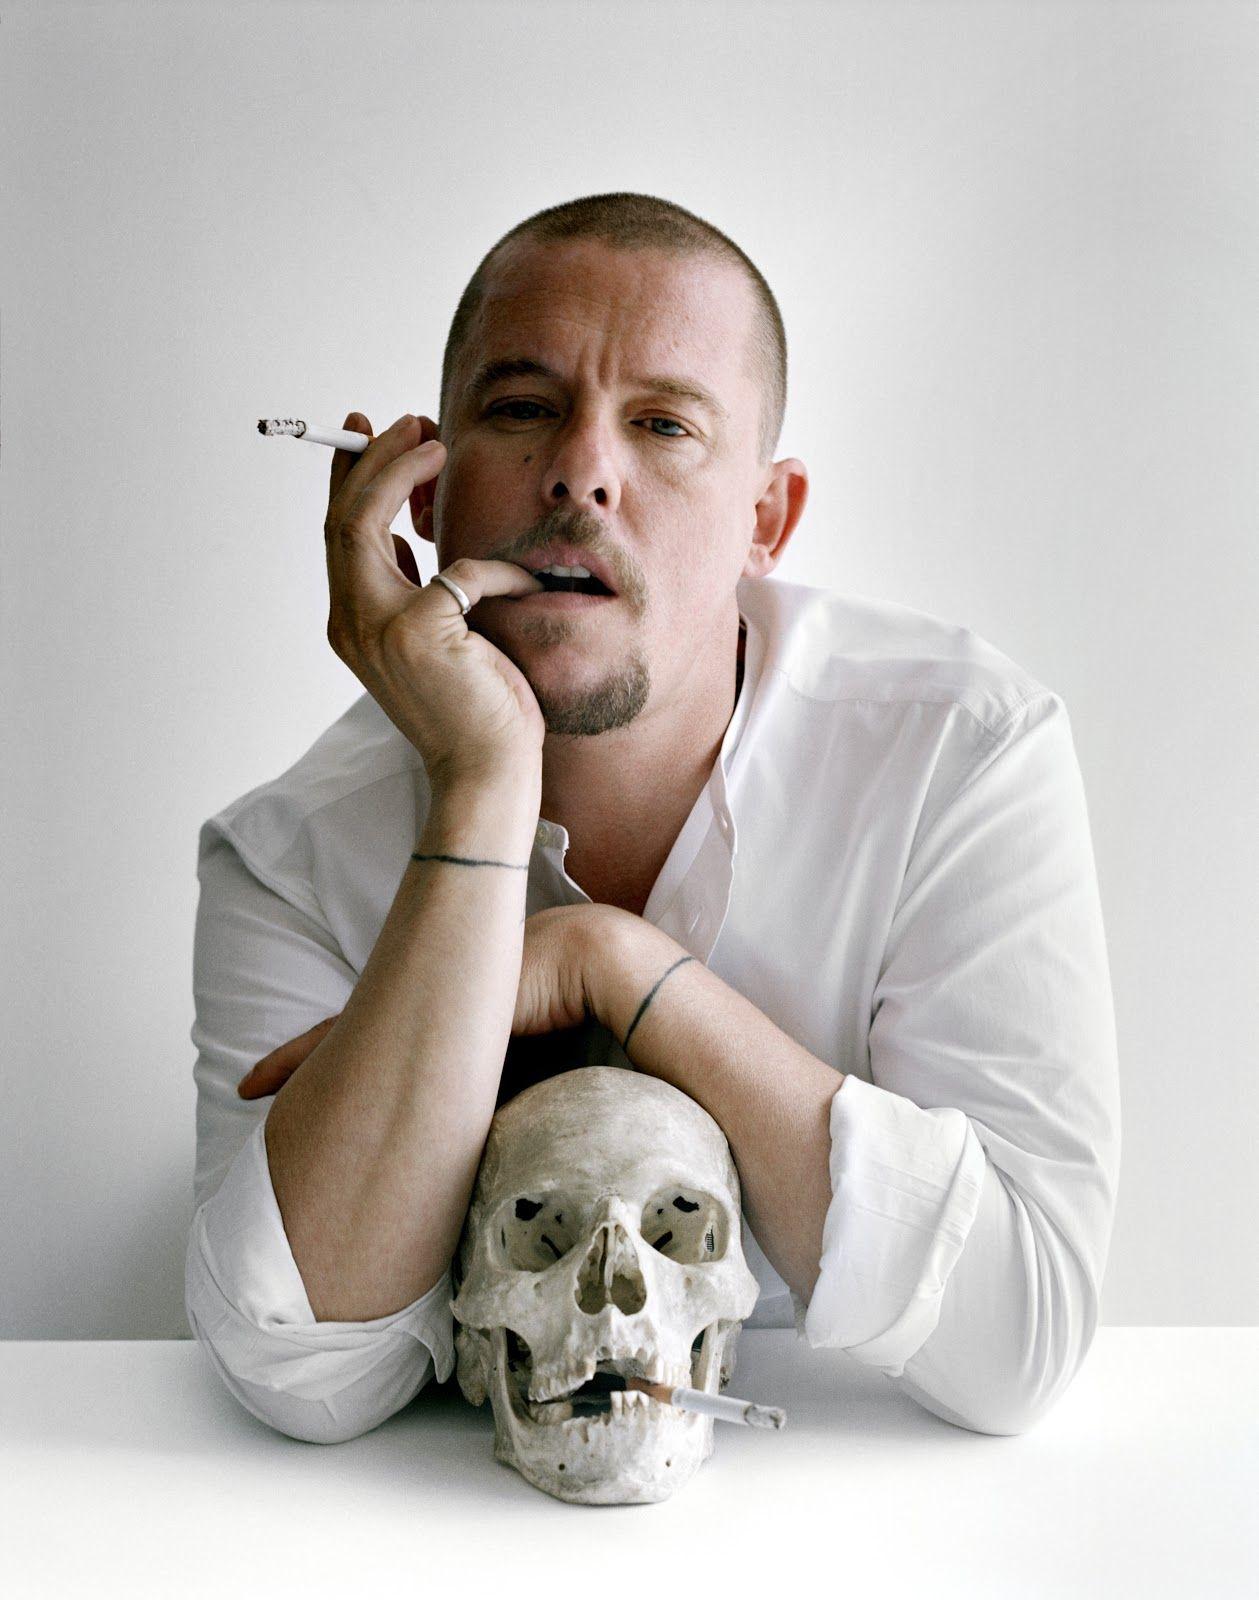 Alexander McQueen gerçek kürk kullanmayı bıraktığını açıkladı.